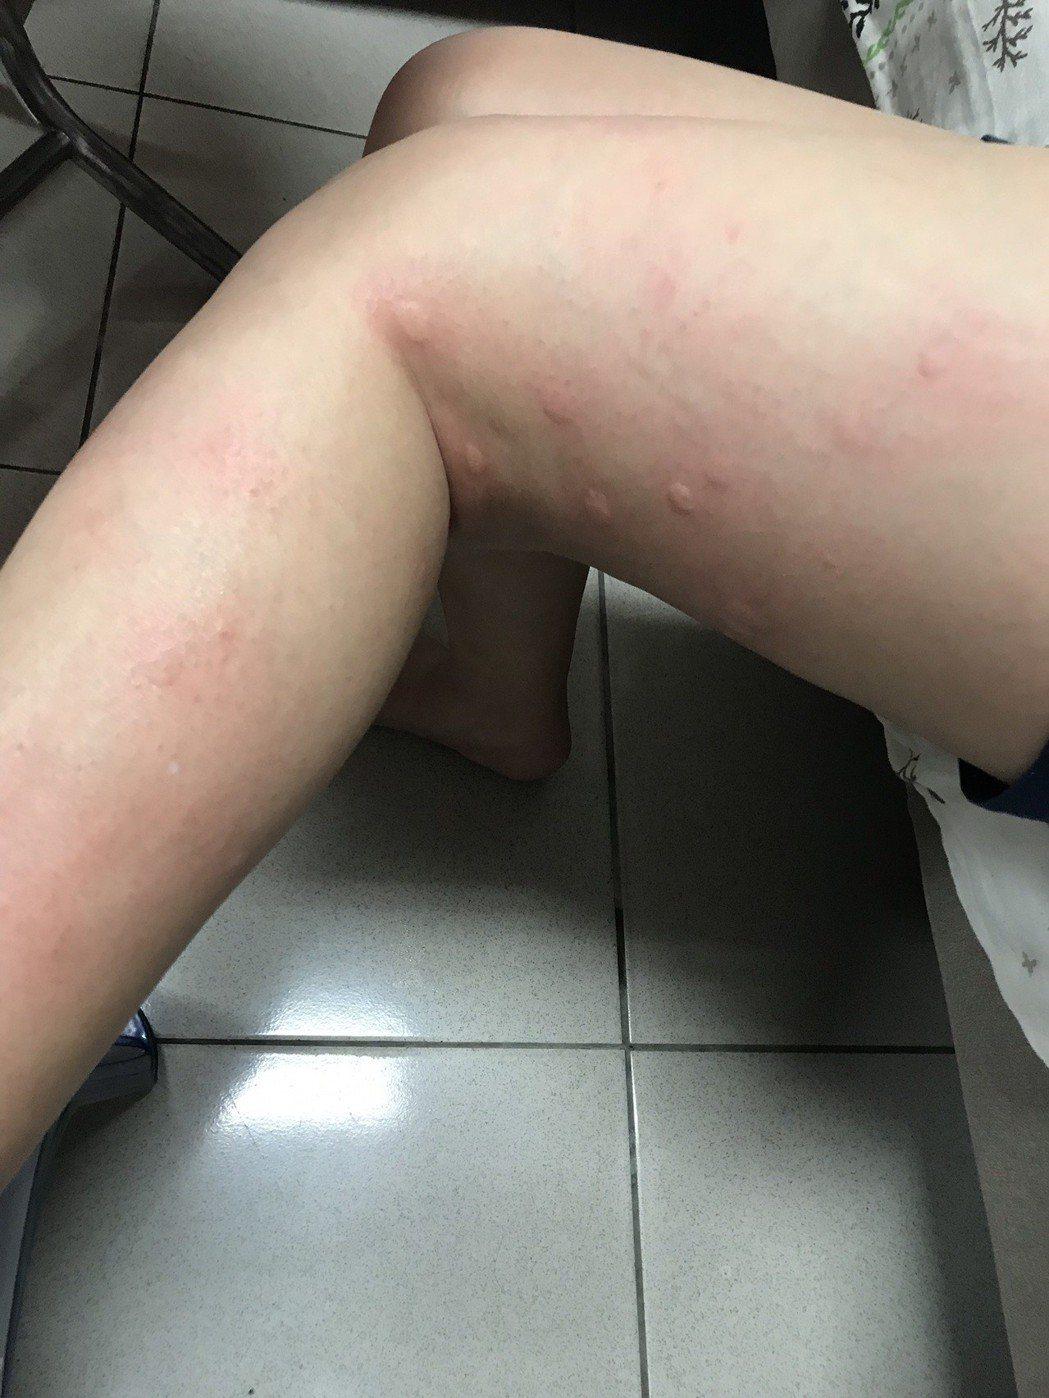 小腿、腳、手背等處都是小黑蚊最愛攻擊的目標,一被叮咬奇癢無比。記者王燕華/攝影